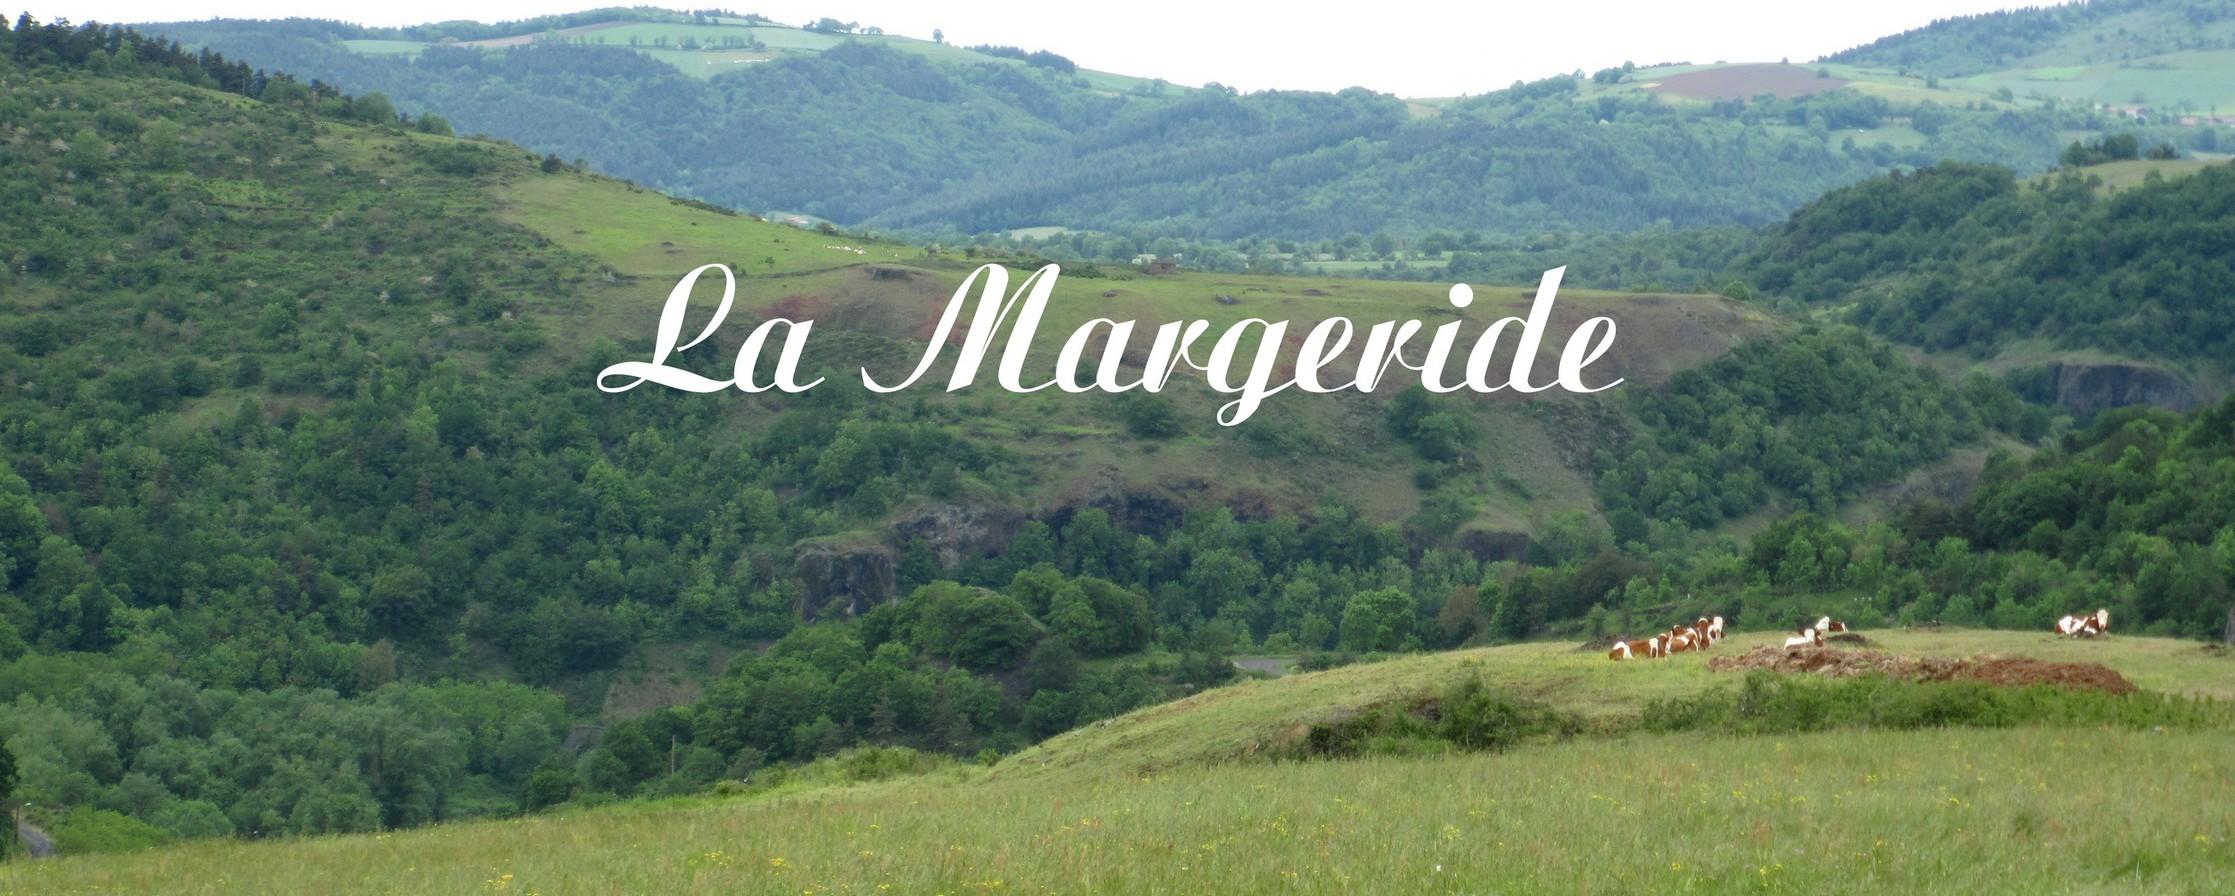 Snuffelen aan Margeride en Mont-Lozère op de site Renske Cramer Creatief